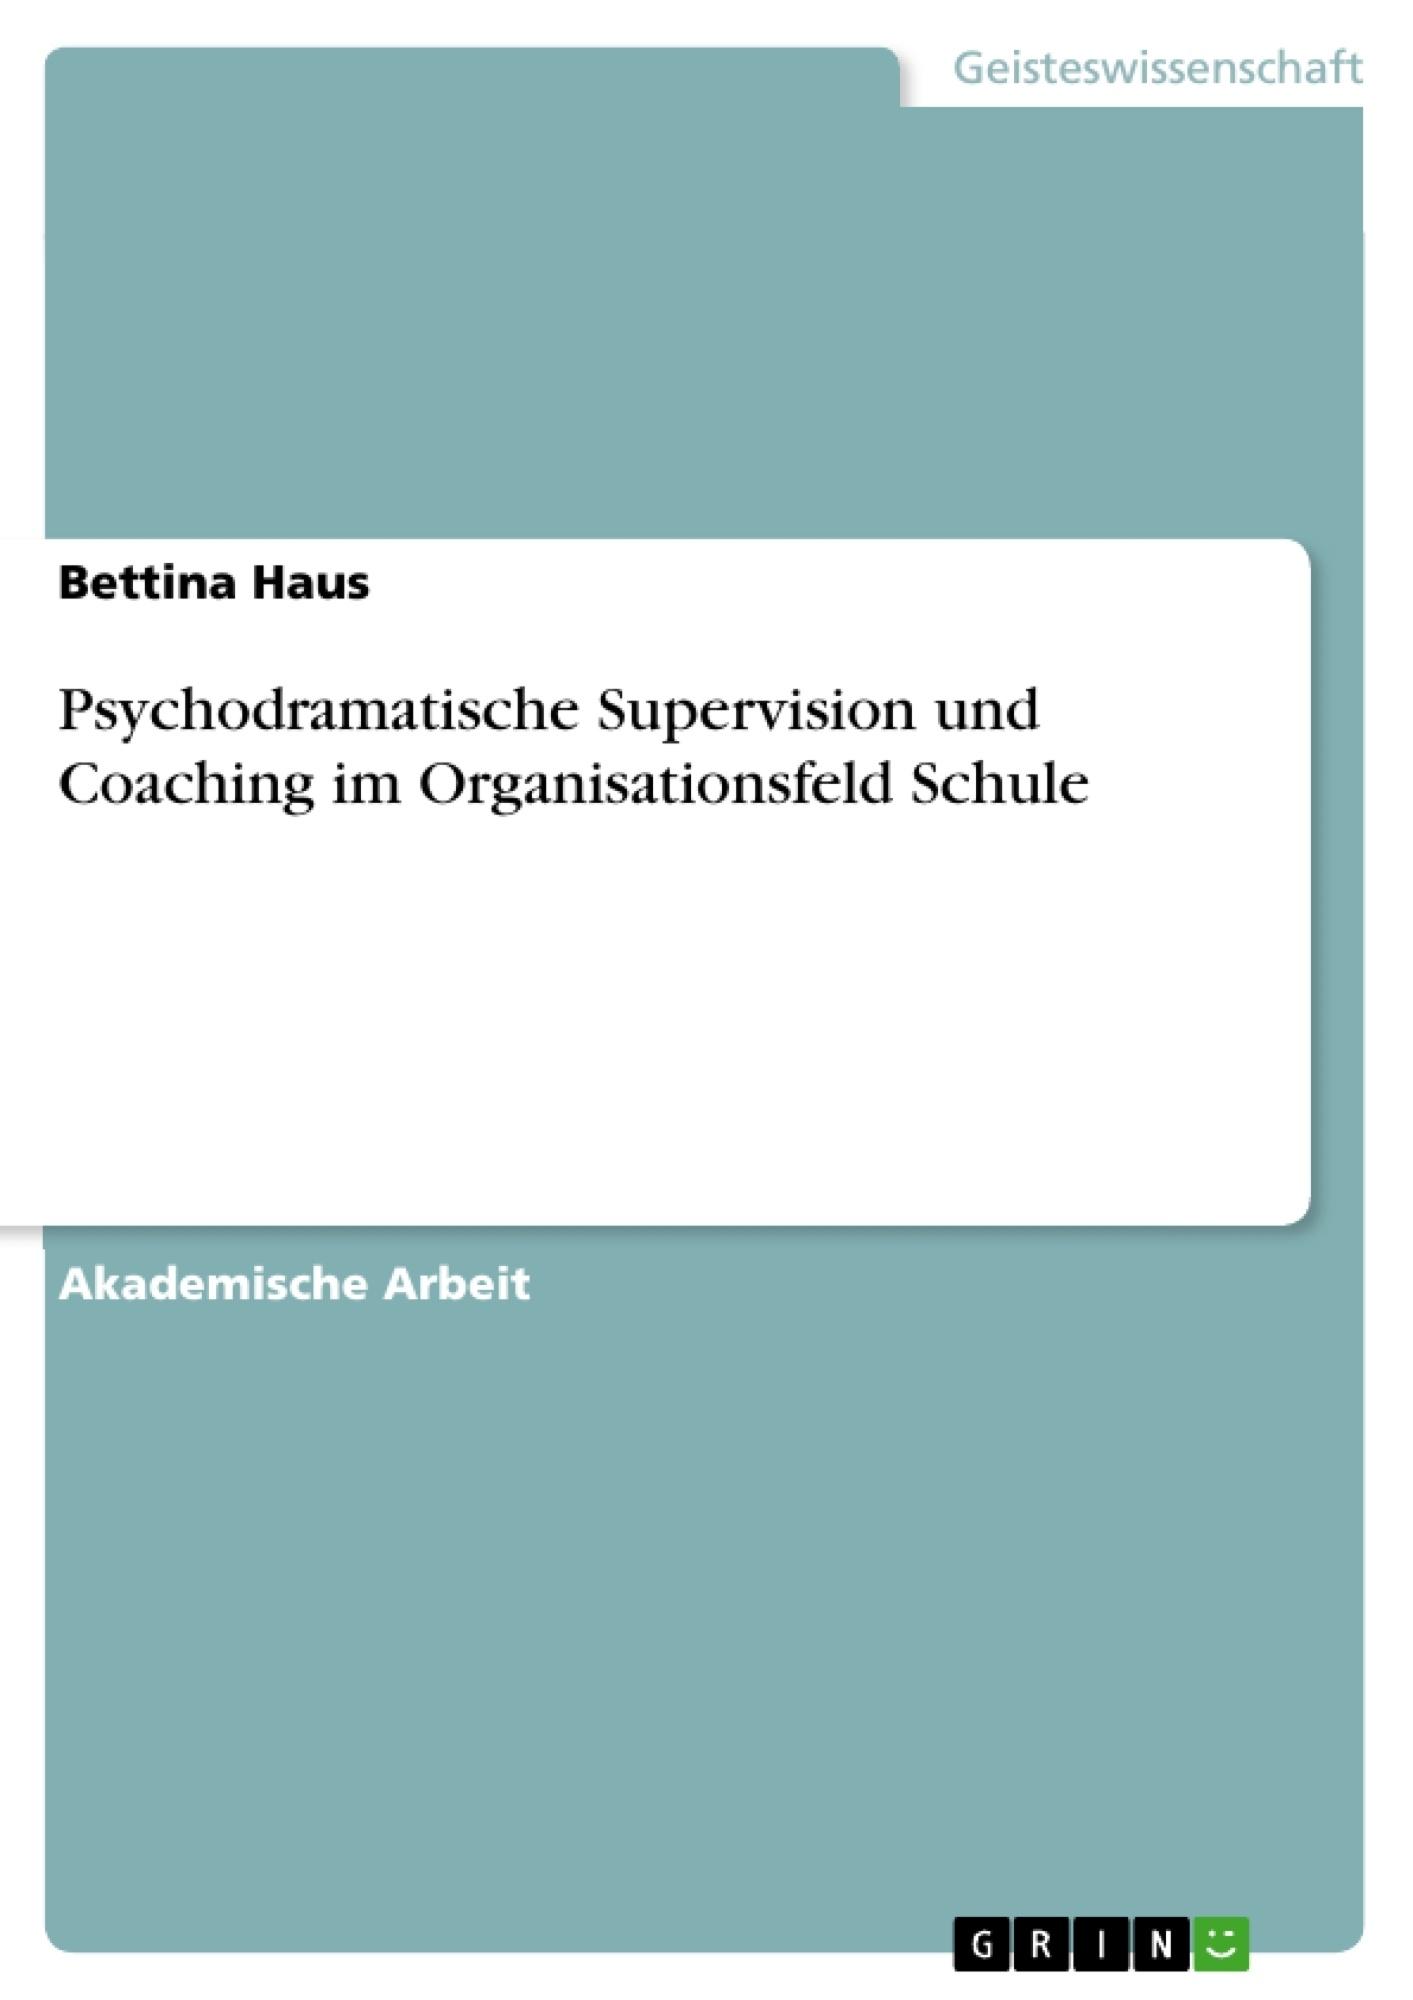 Titel: Psychodramatische Supervision und Coaching im Organisationsfeld Schule